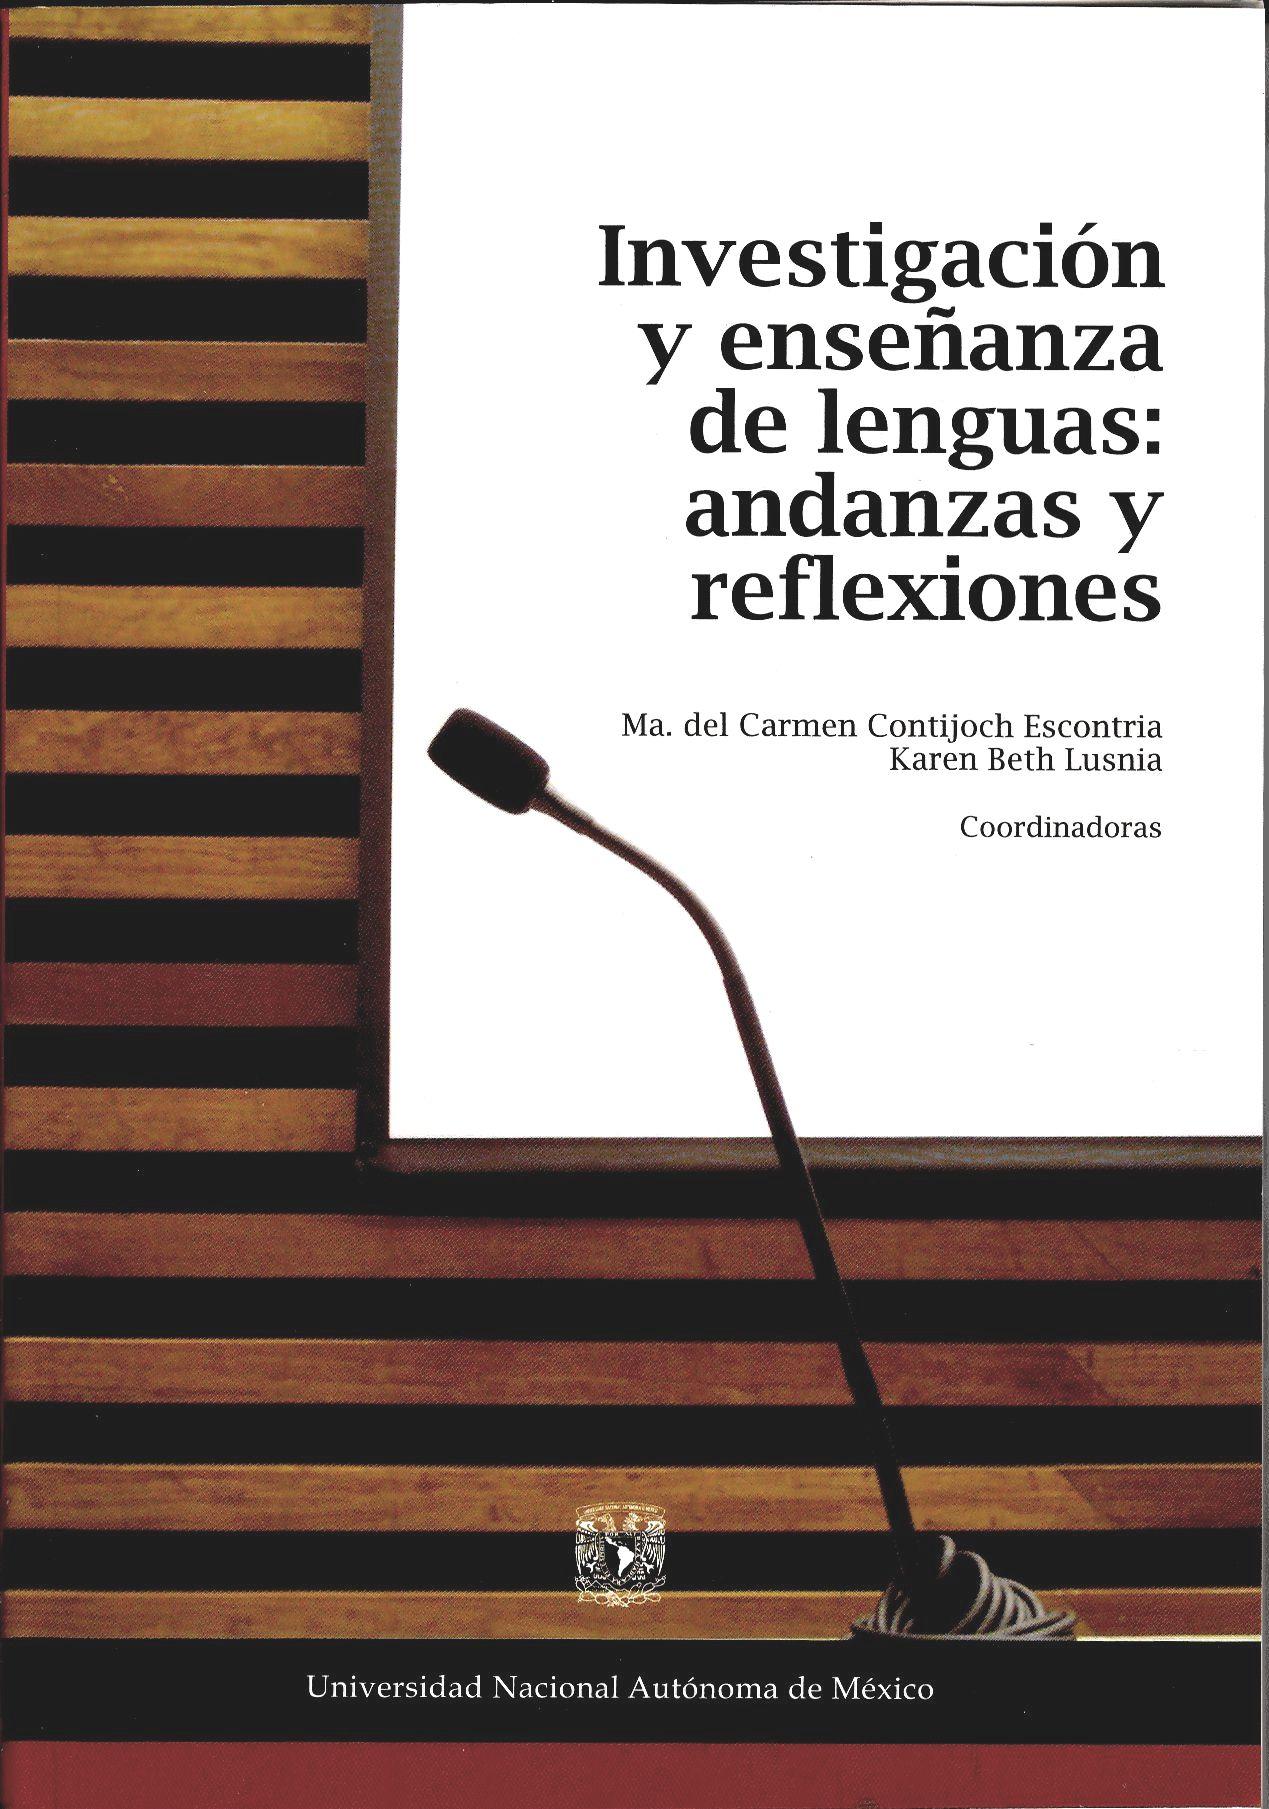 Investigación y enseñanza de lenguas andanzas y reflexiones